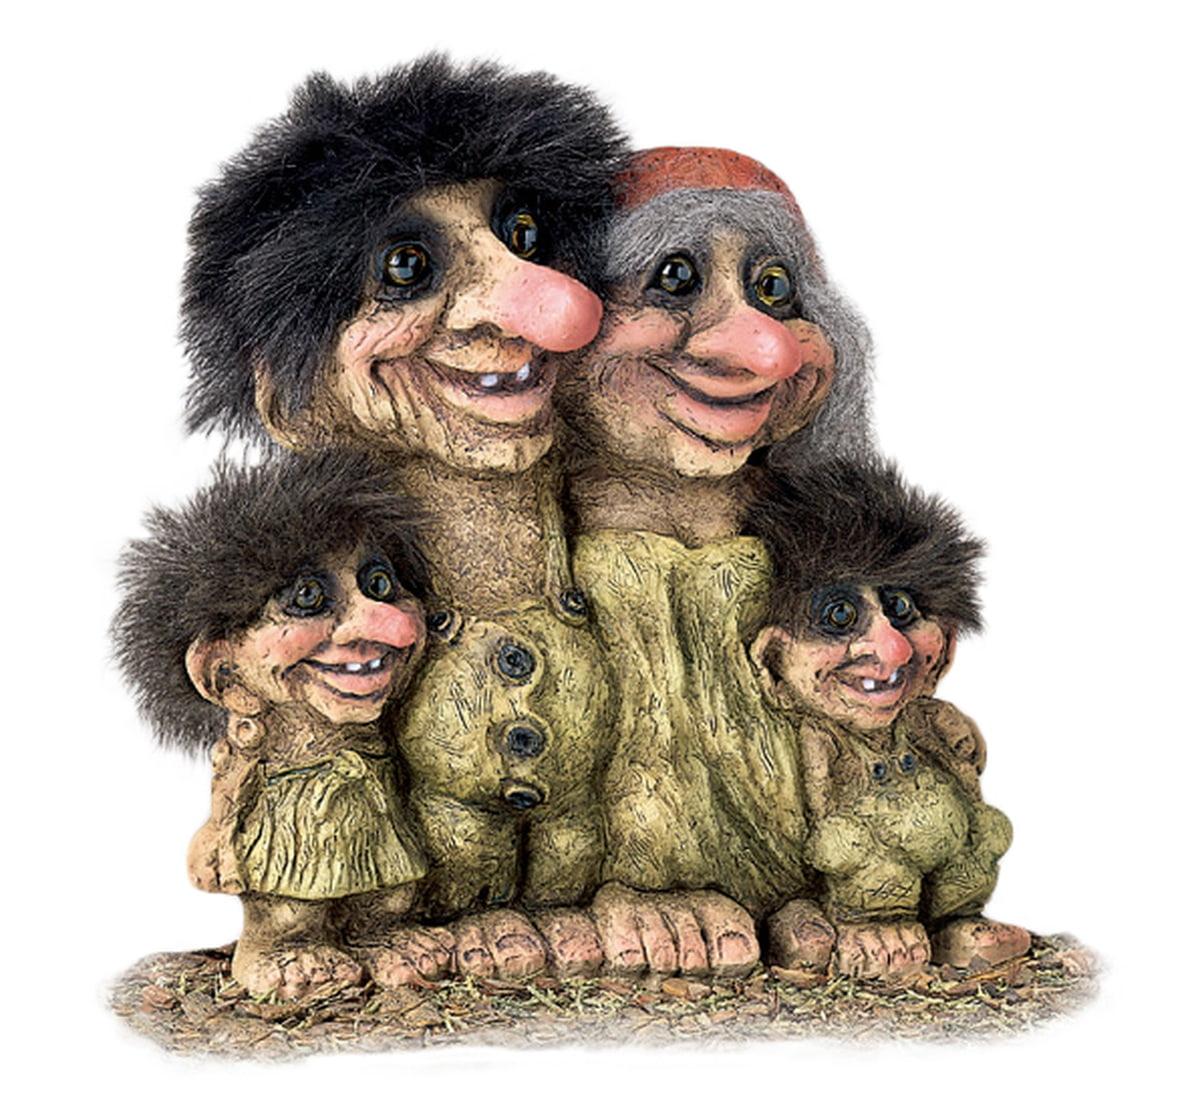 Trollfamily (Troll # 268)